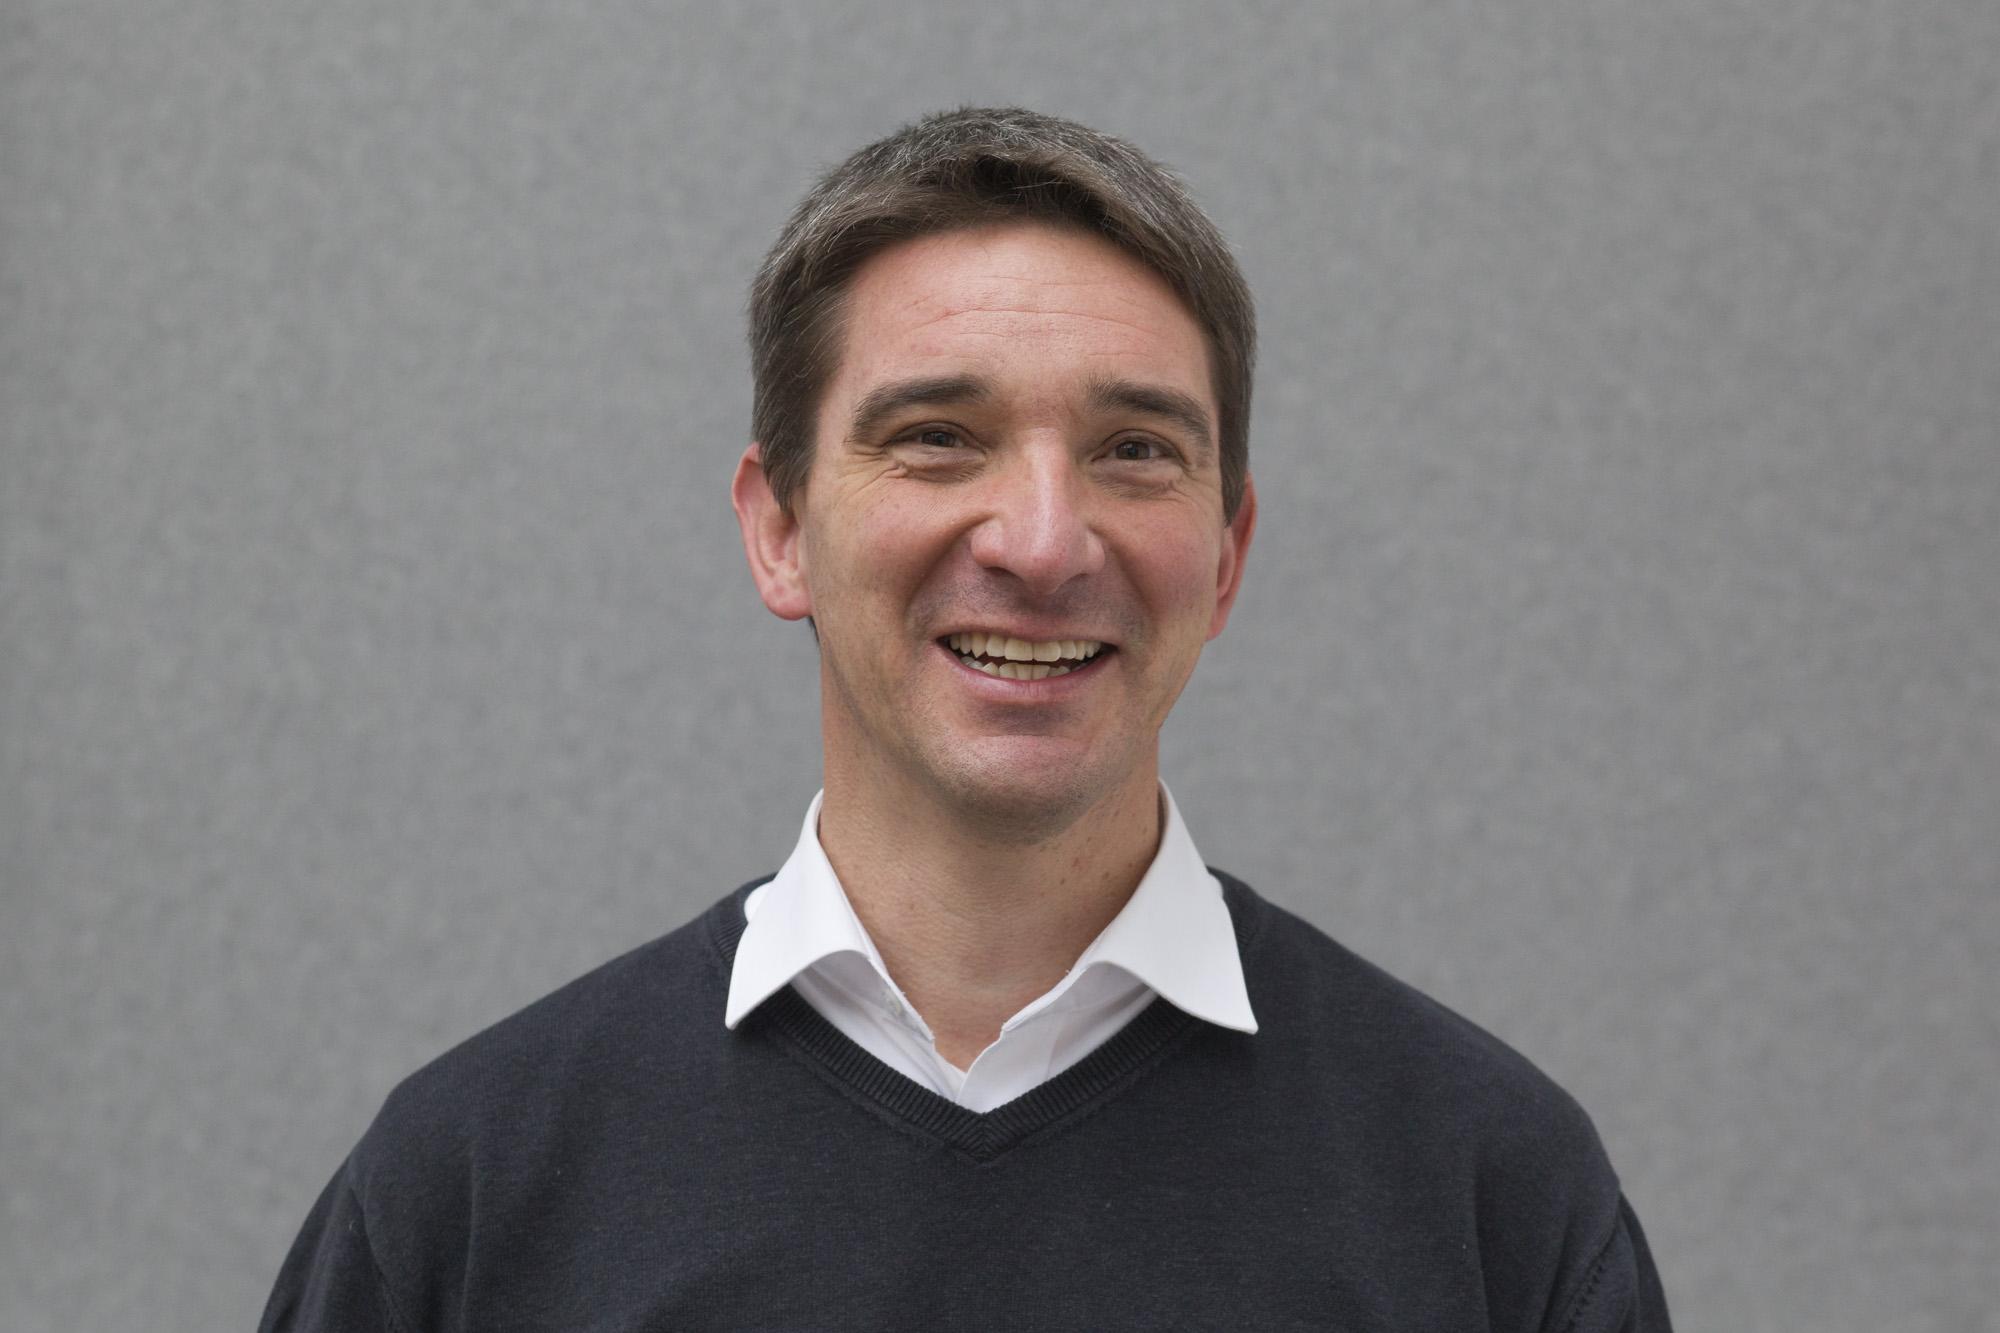 Markus Dörre wird neuer Pfarrer der Pfarreiengemeinschaft Gersthofen